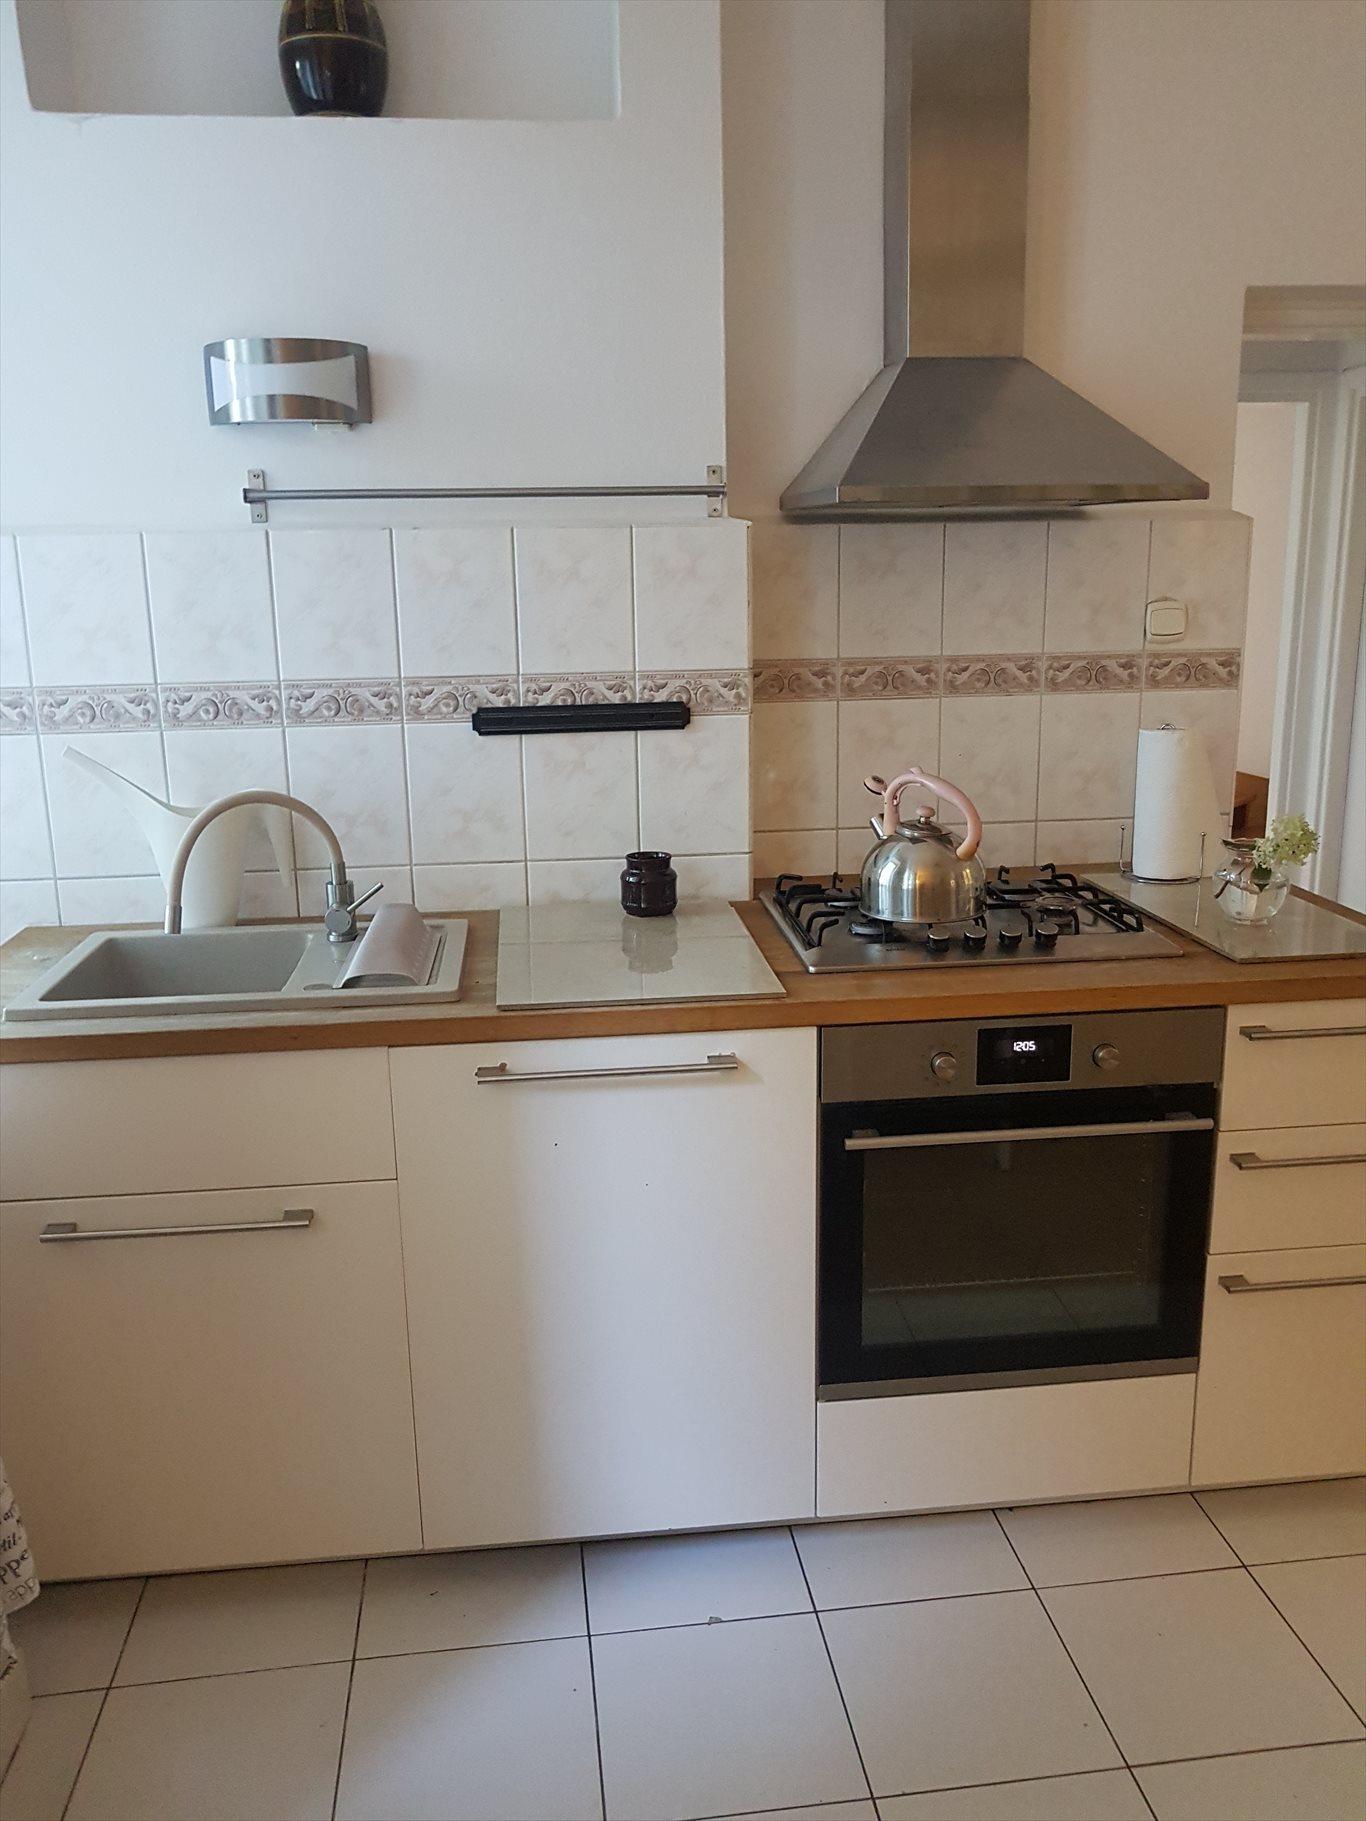 Dom na wynajem Warszawa, Praga-Południe, Saska Kępa, Walecznych  280m2 Foto 4